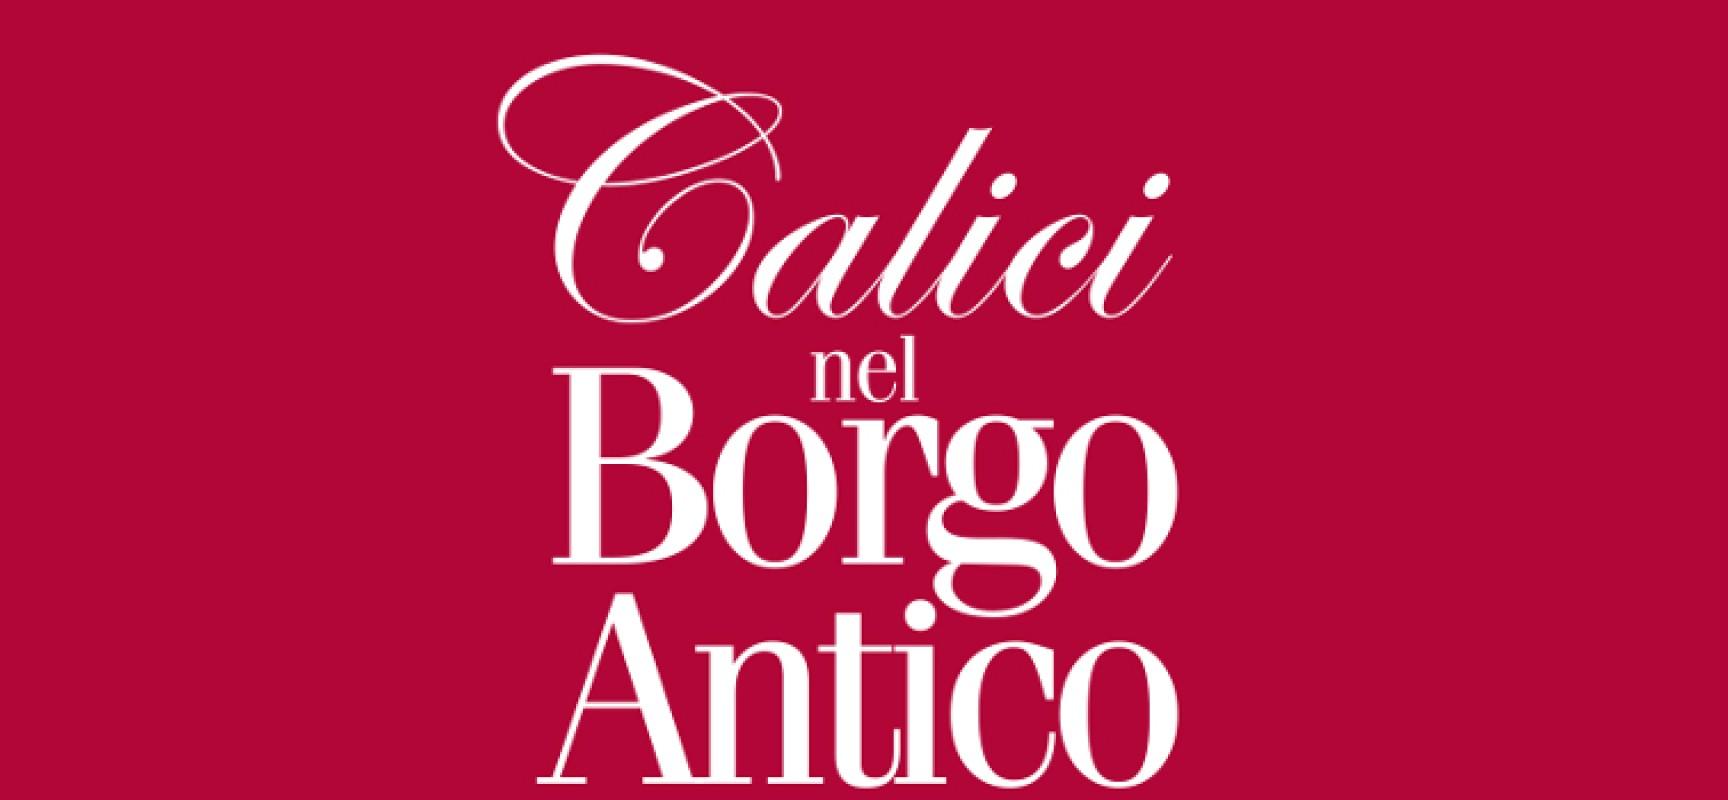 Calici nel Borgo Antico 2014, saranno 60 le cantine pugliesi coinvolte nell'iniziativa